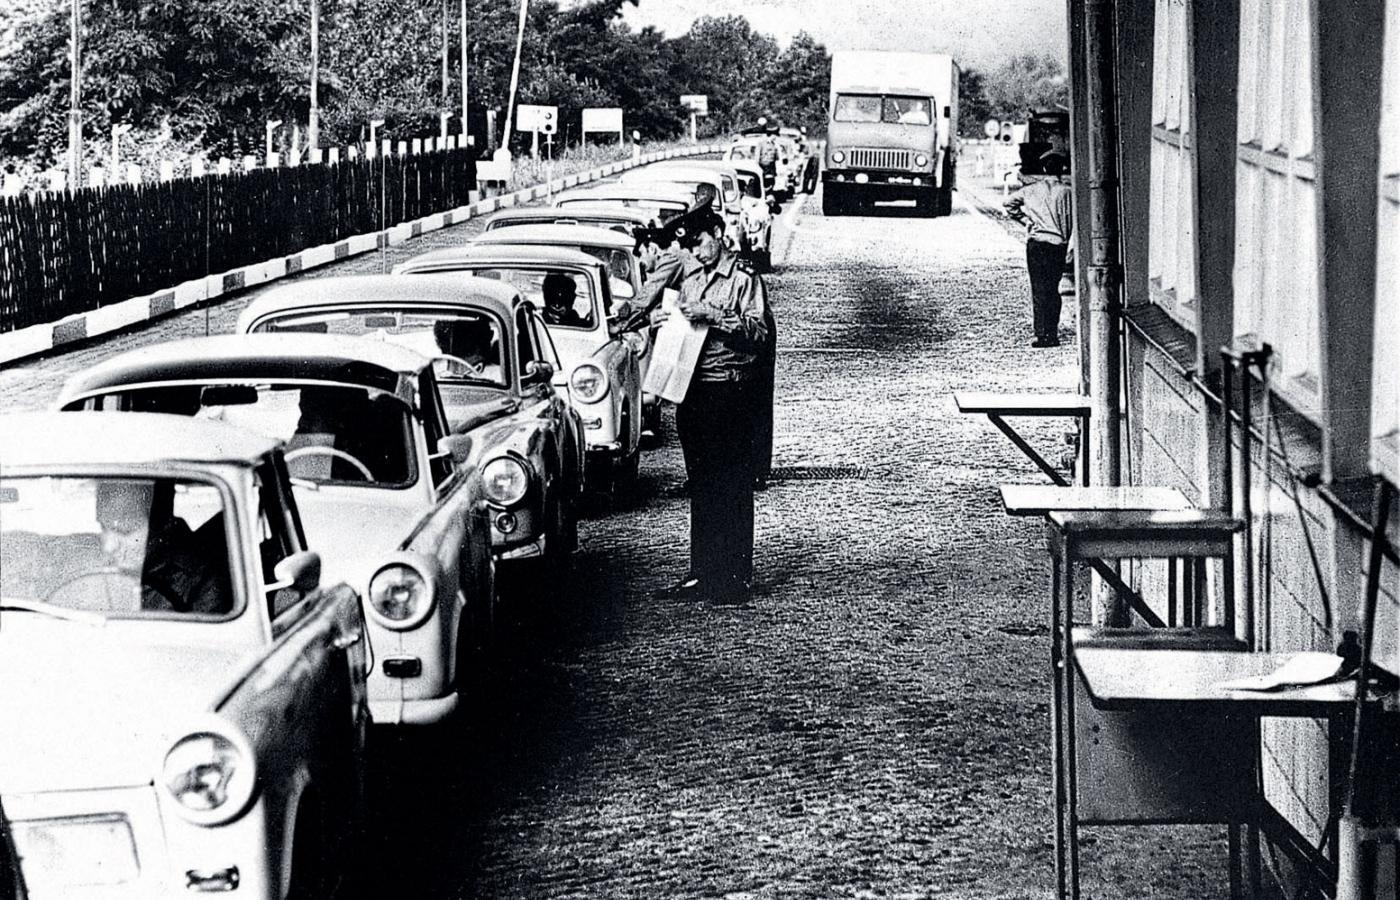 Pomimo otwarcia granic Polacy byli często szykanowani. Zdjęcie poglądowe